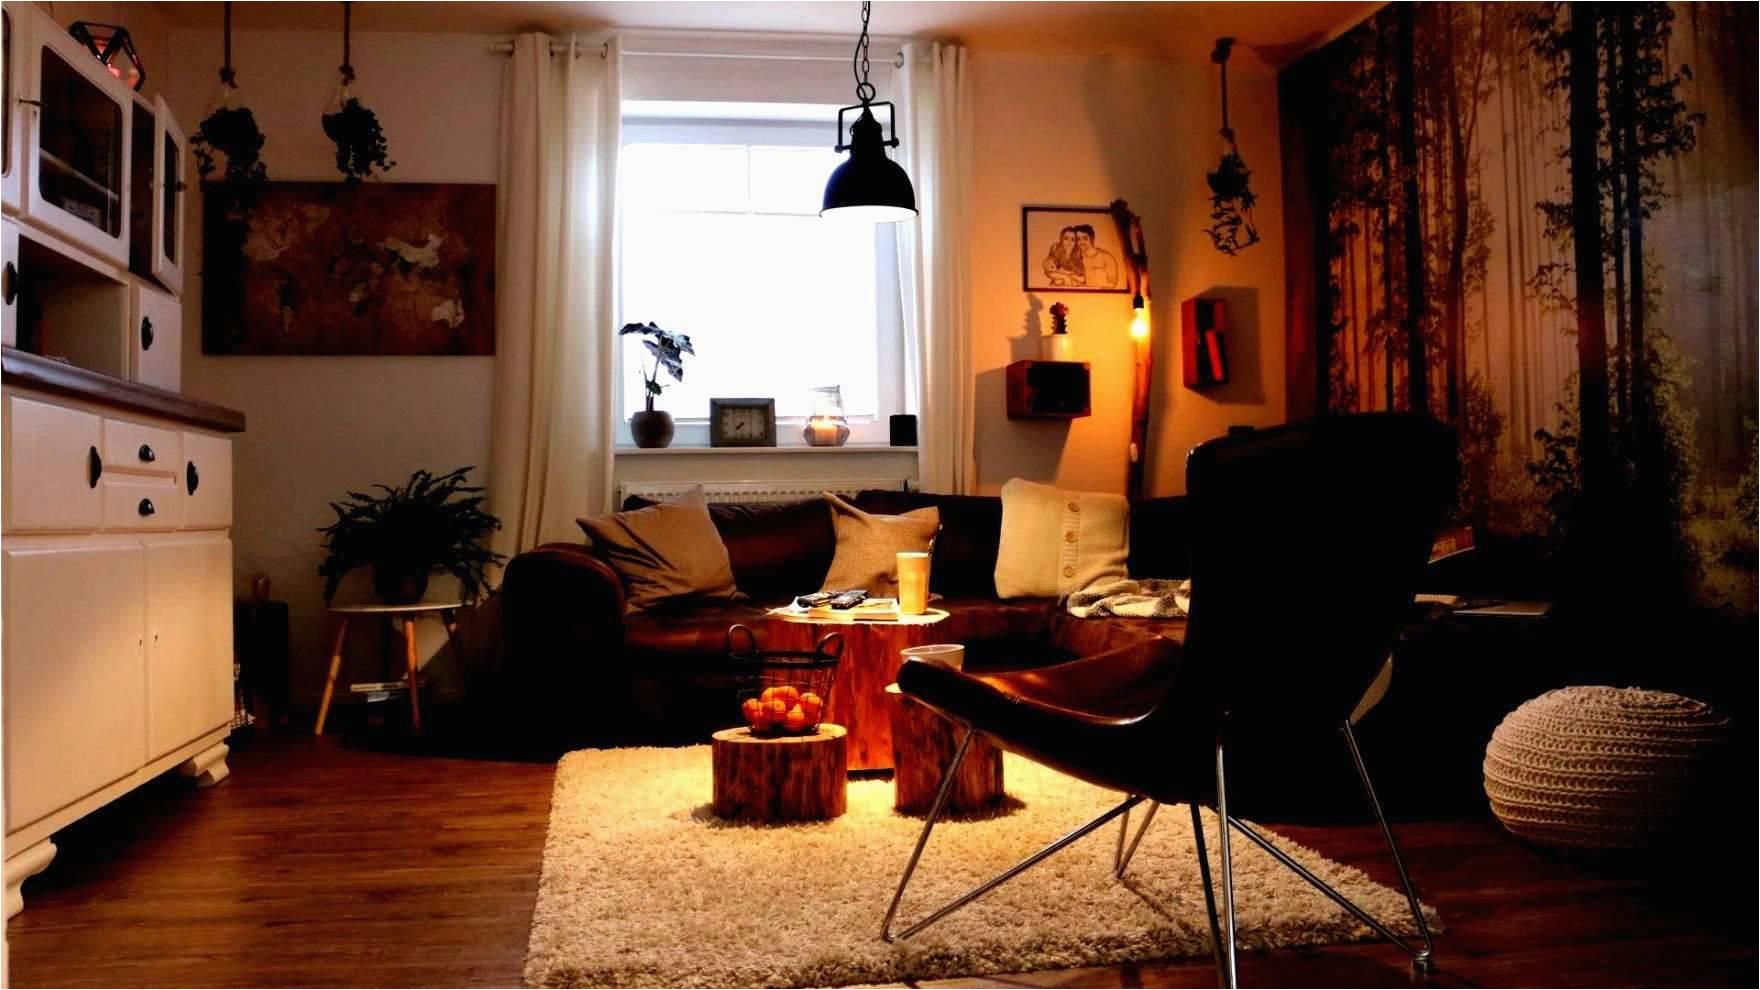 wohnzimmer ideen fur kleine raume genial podest wohnzimmer couch of wohnzimmer ideen fur kleine raume